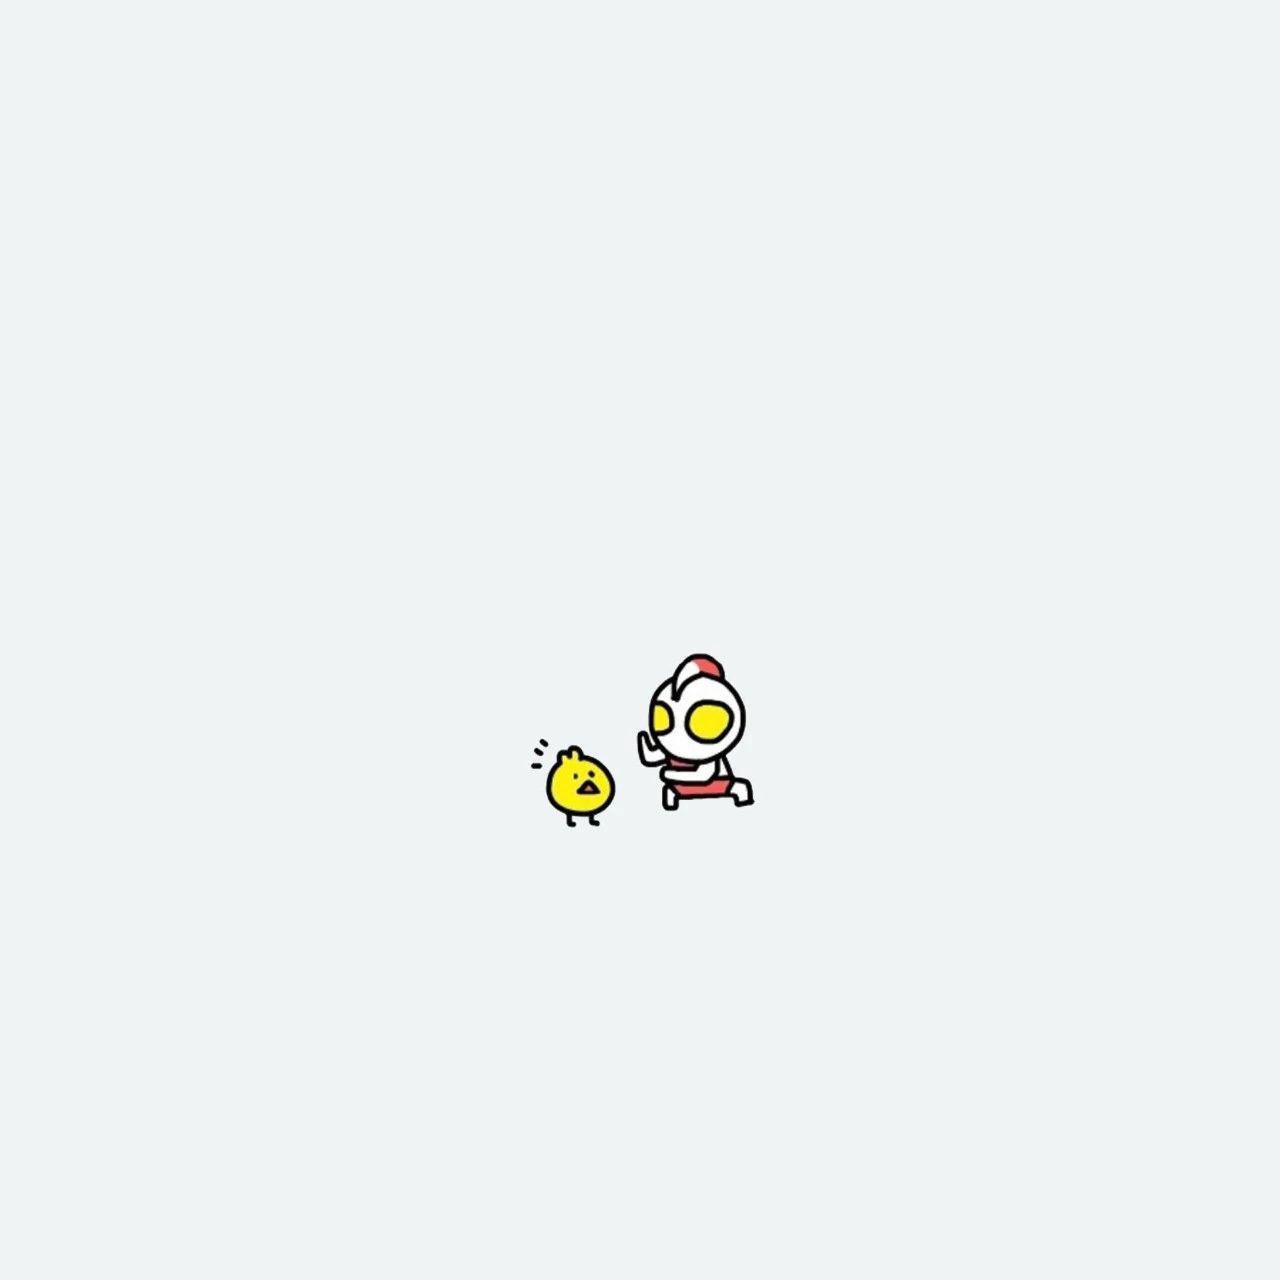 朋友圈封面图:个性搞怪,哪一张最喜欢你?插图7